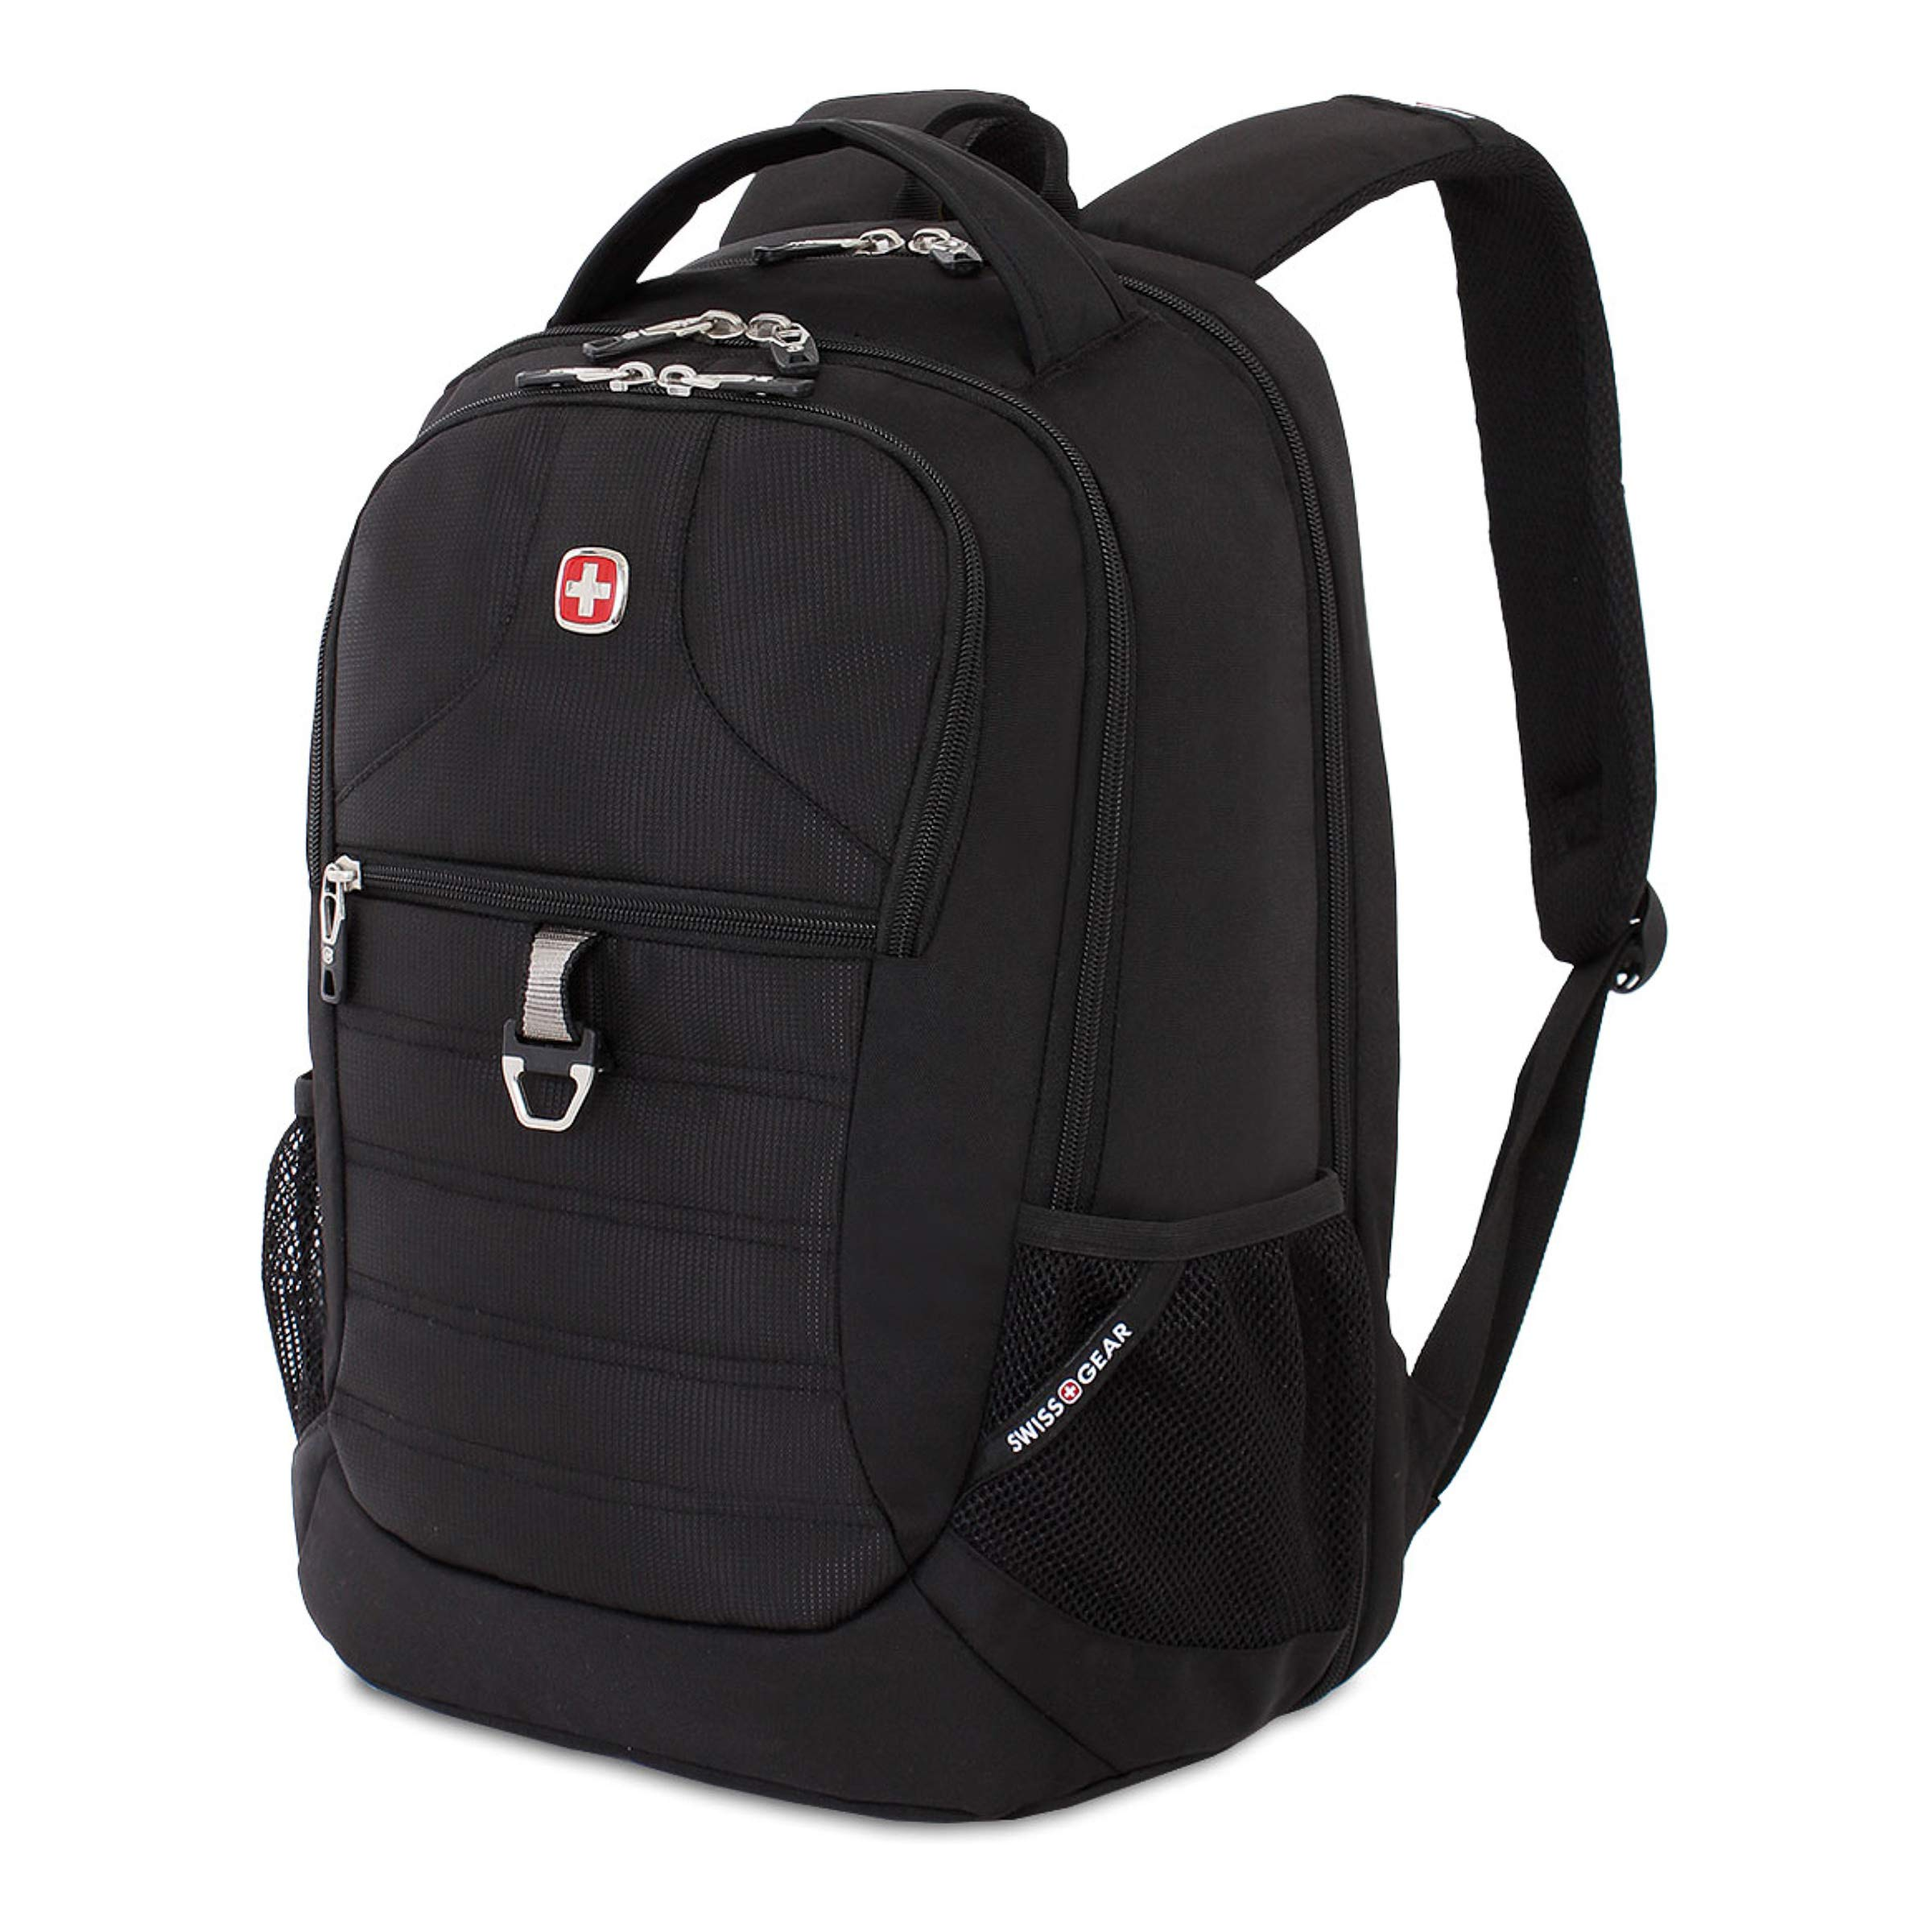 SWISSGEAR Large, Padded, ScanSmart 15-inch Laptop Backpack | TSA-Friendly Carry-on | Travel, Work, School | Men's and Women's - Black by Swiss Gear (Image #1)